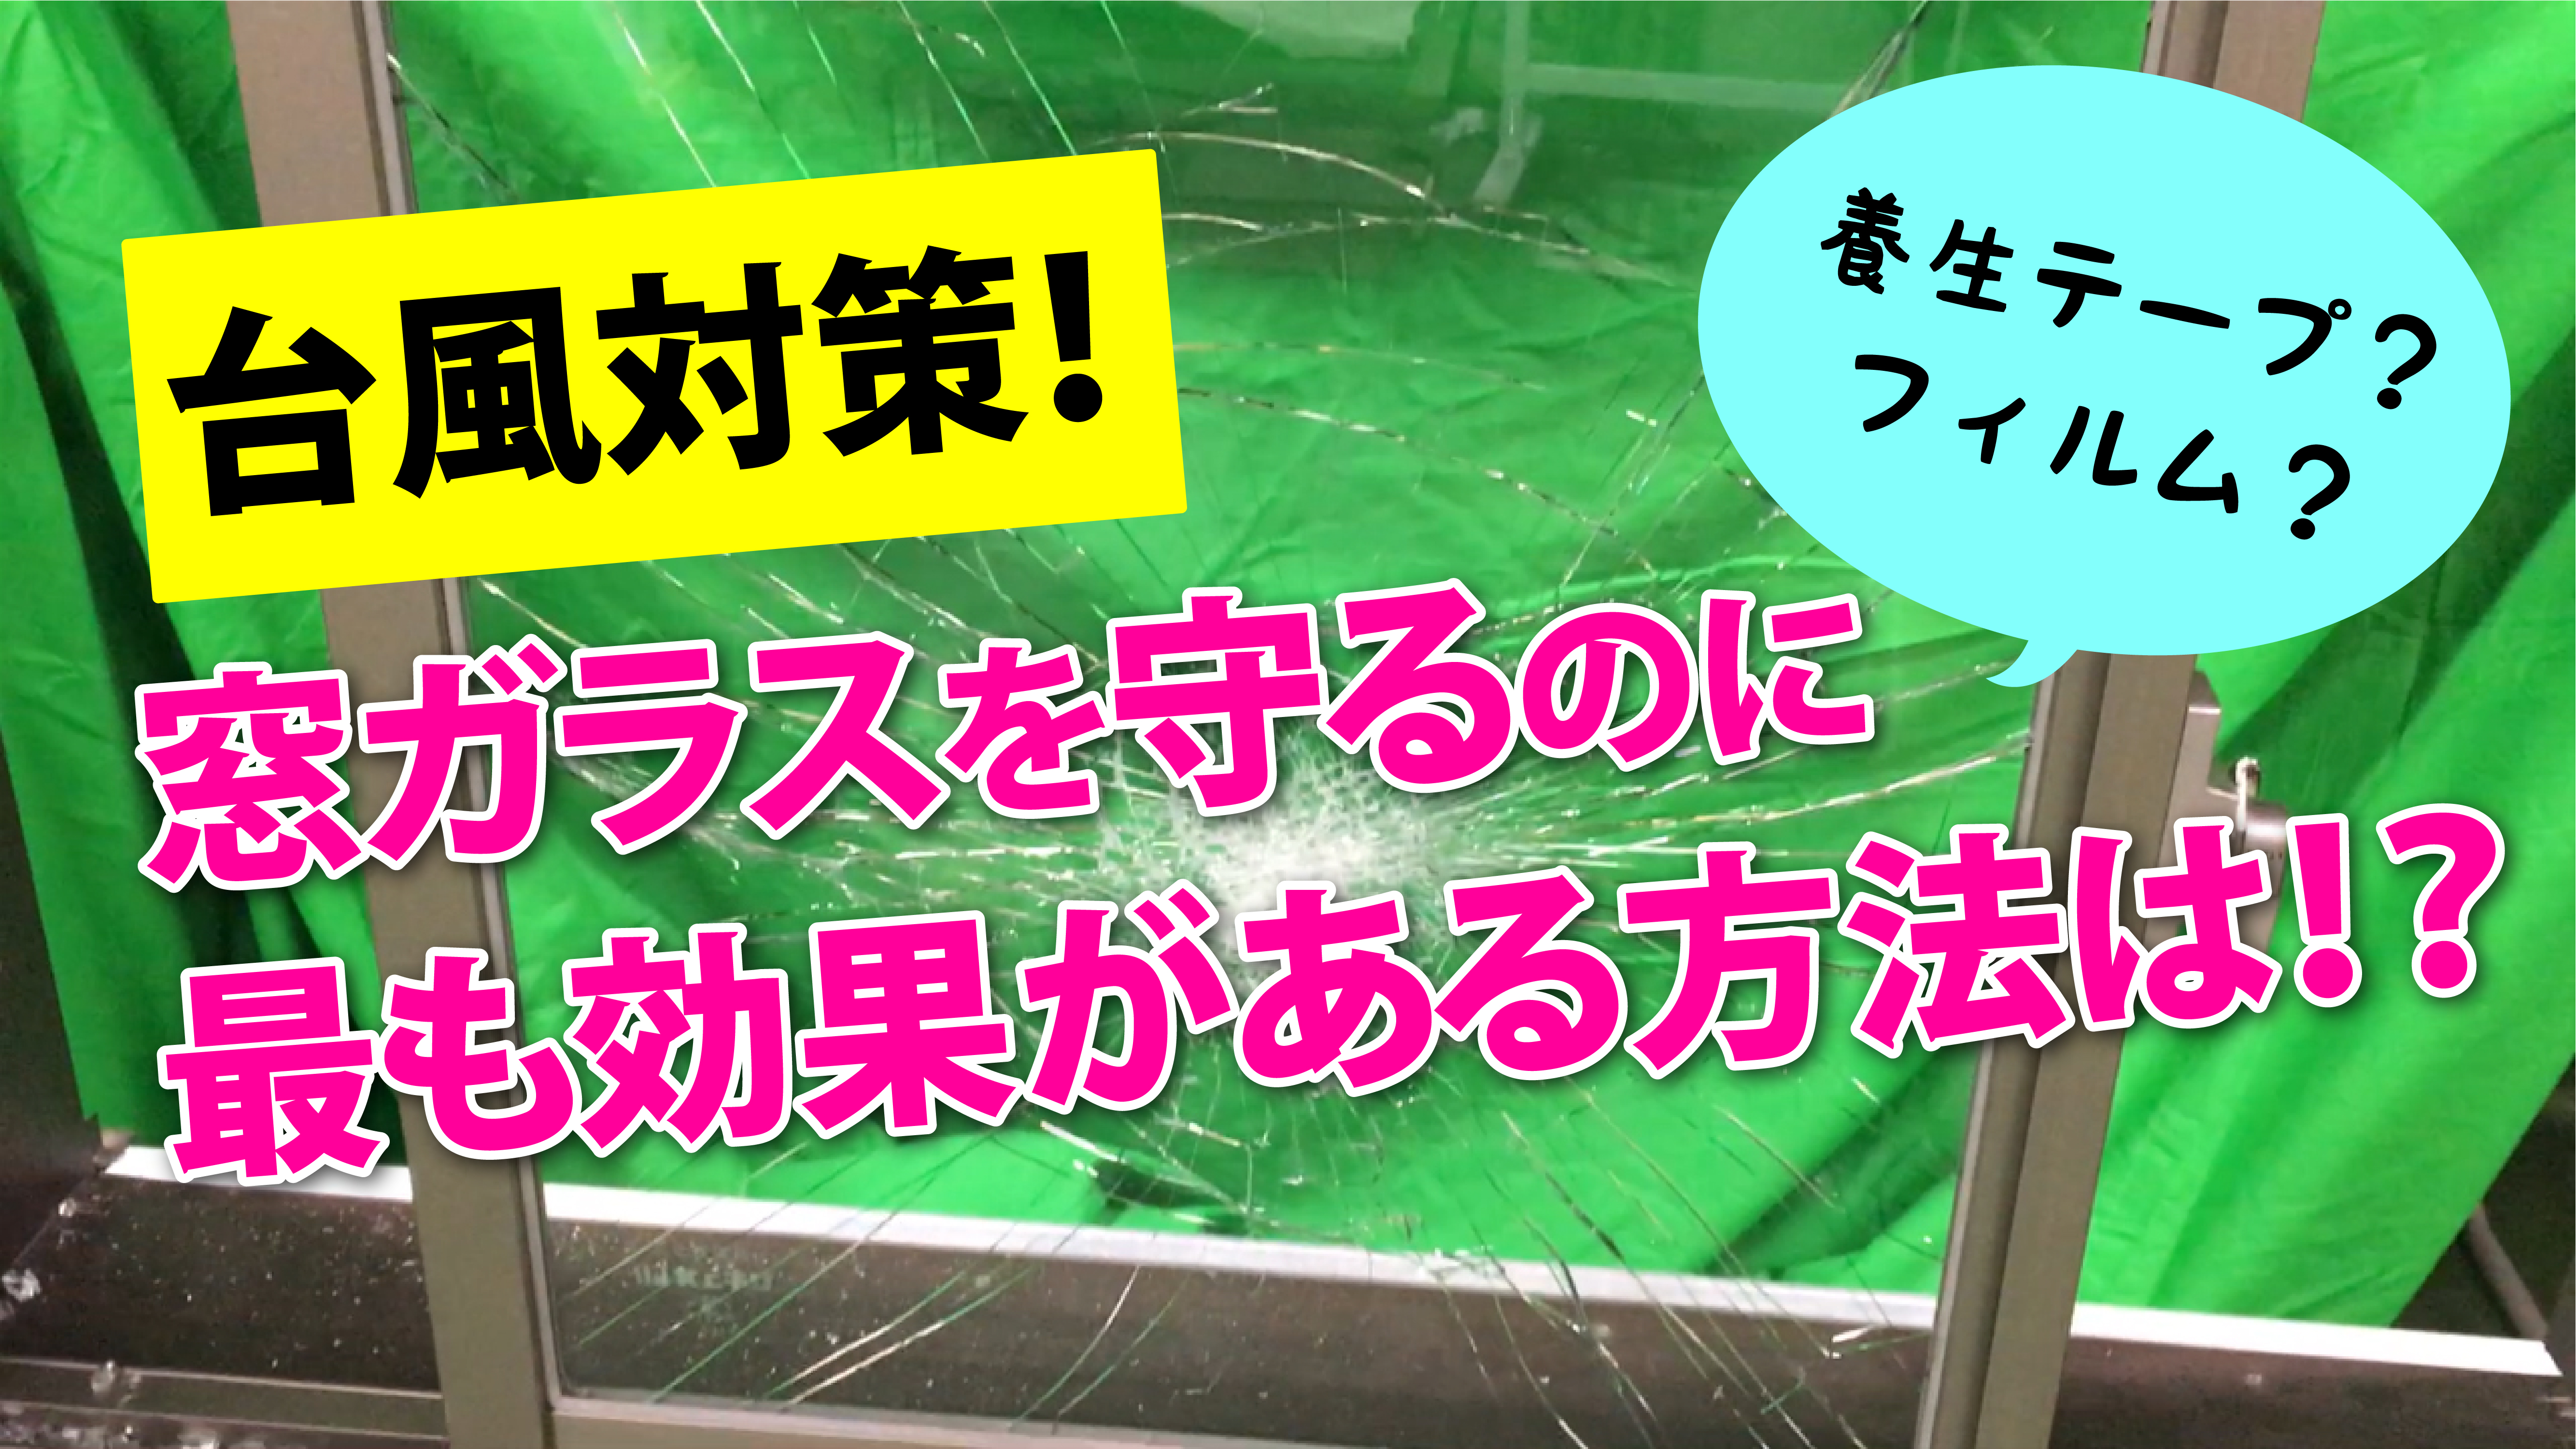 【台風対策!窓ガラスを守るのに最も効果がある方法は!?